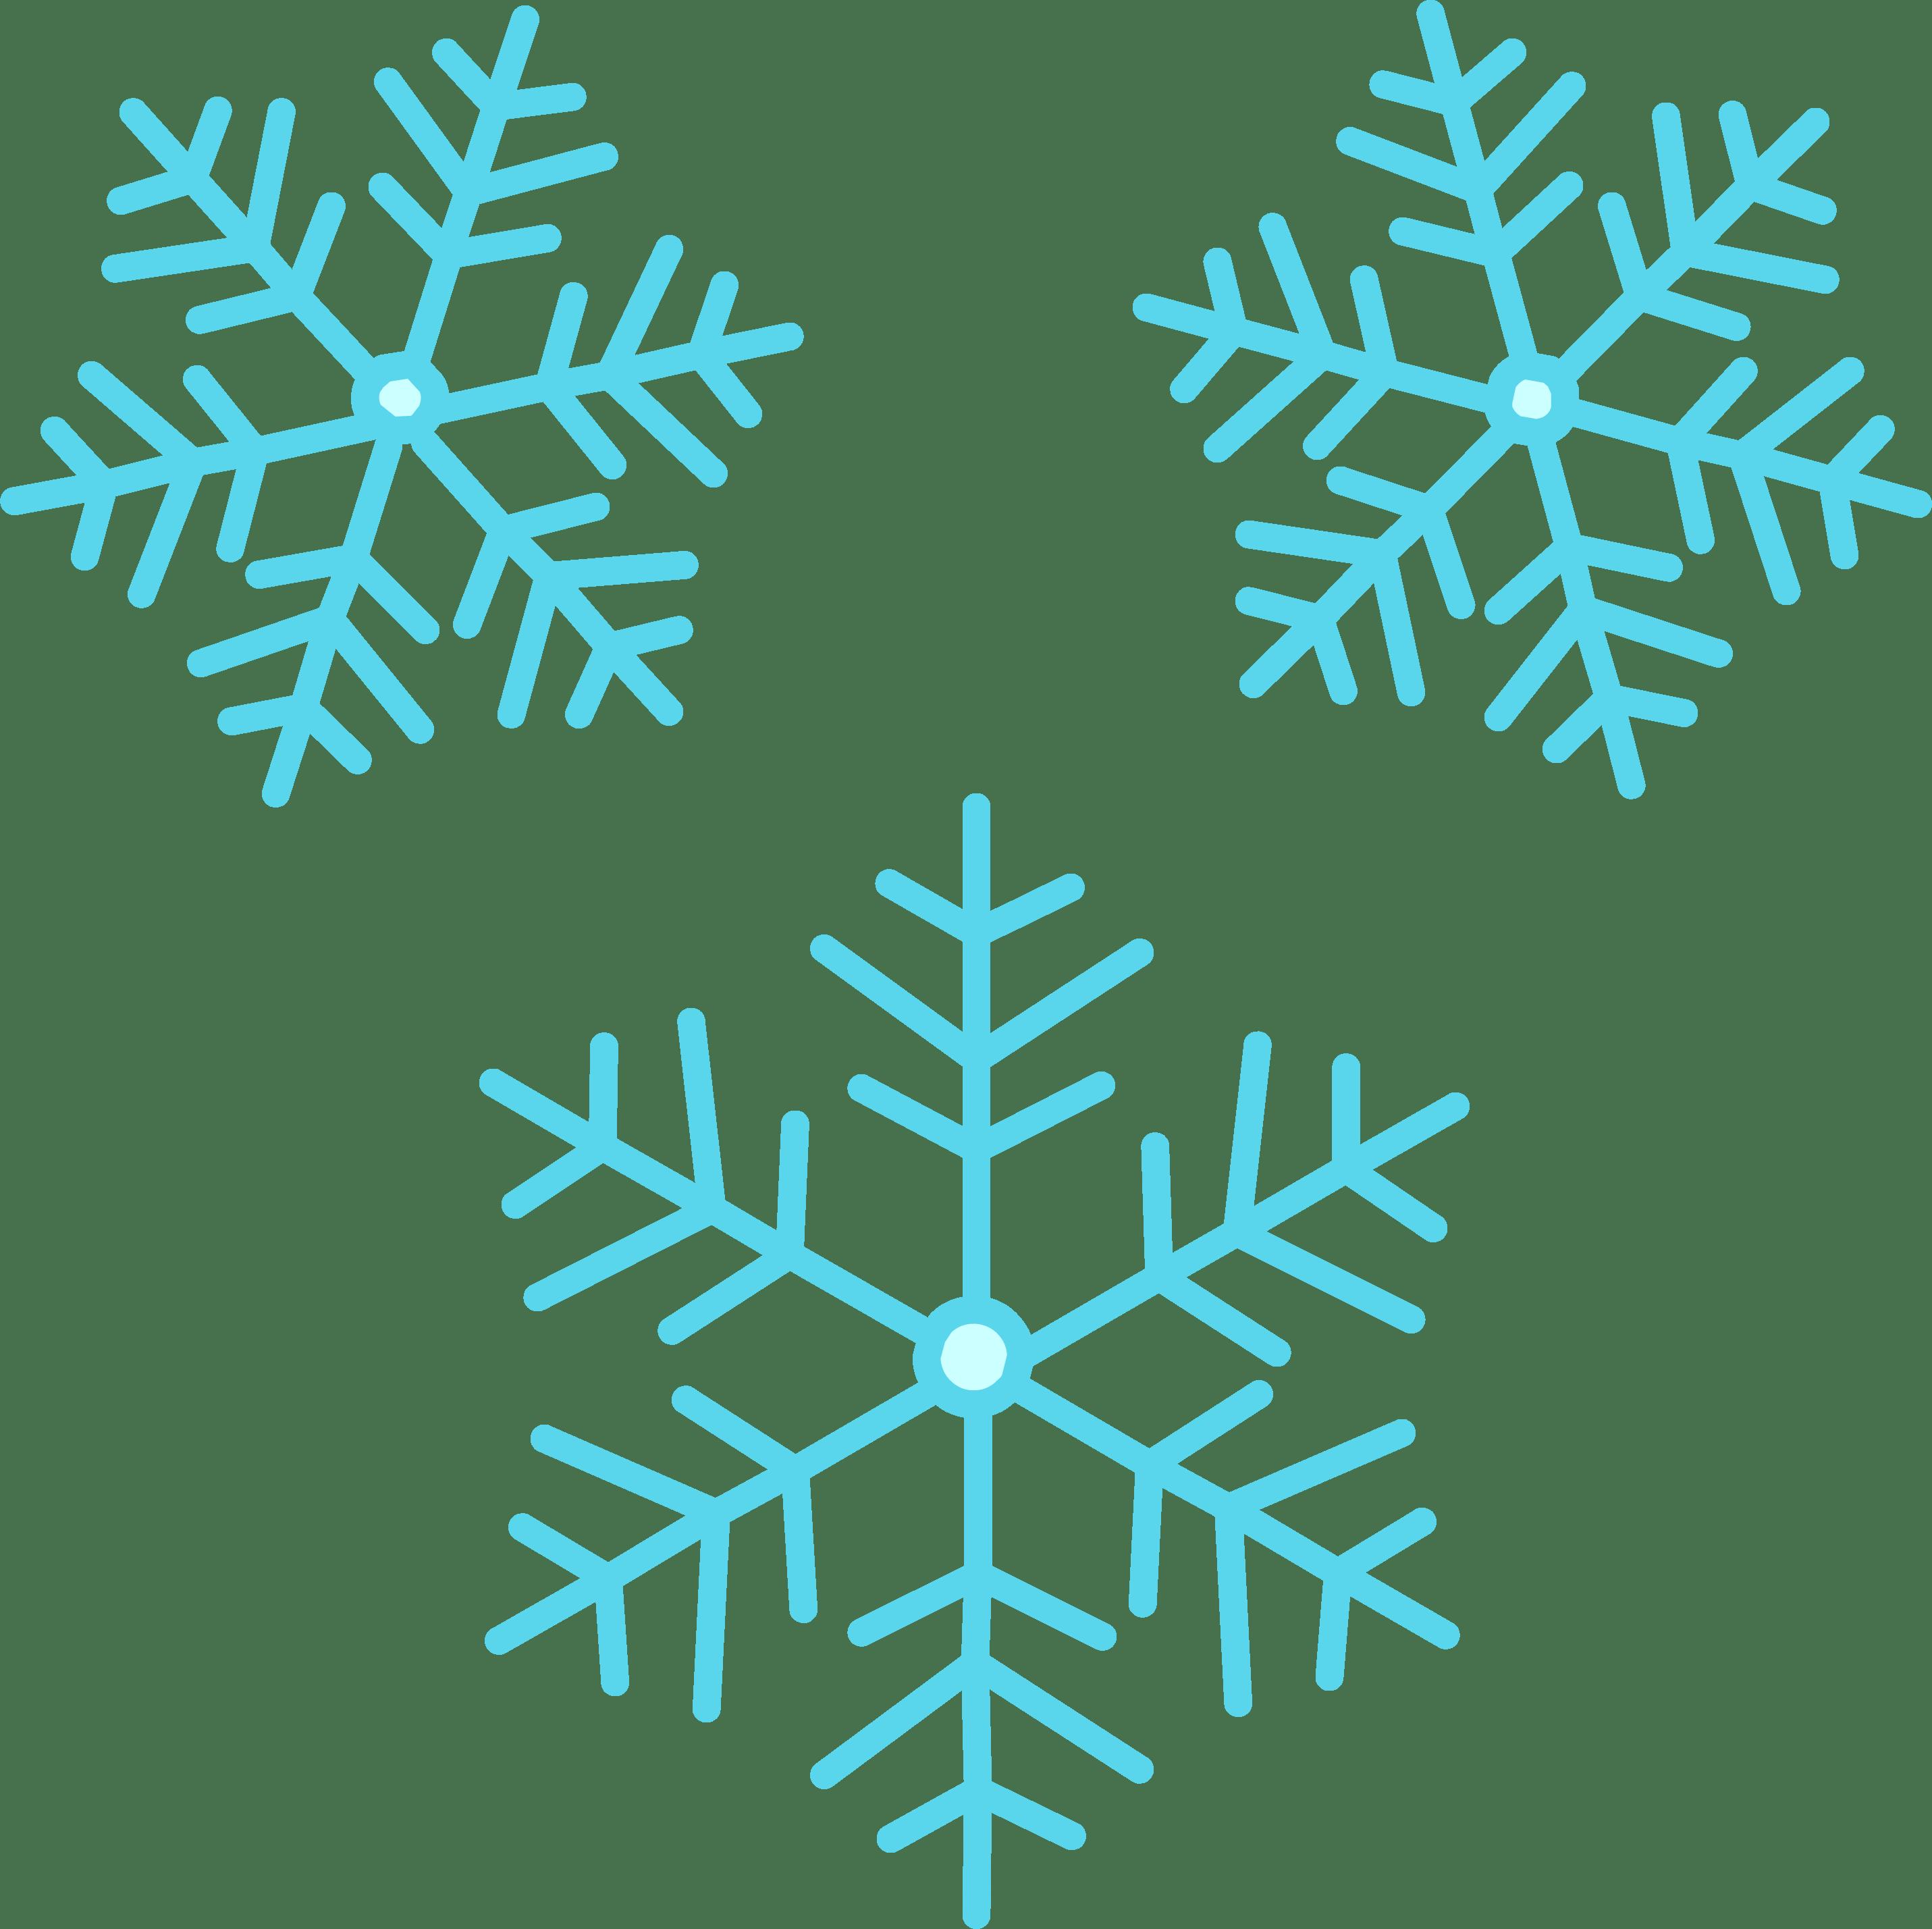 Clipart snowflake group, Clipart snowflake group Transparent.